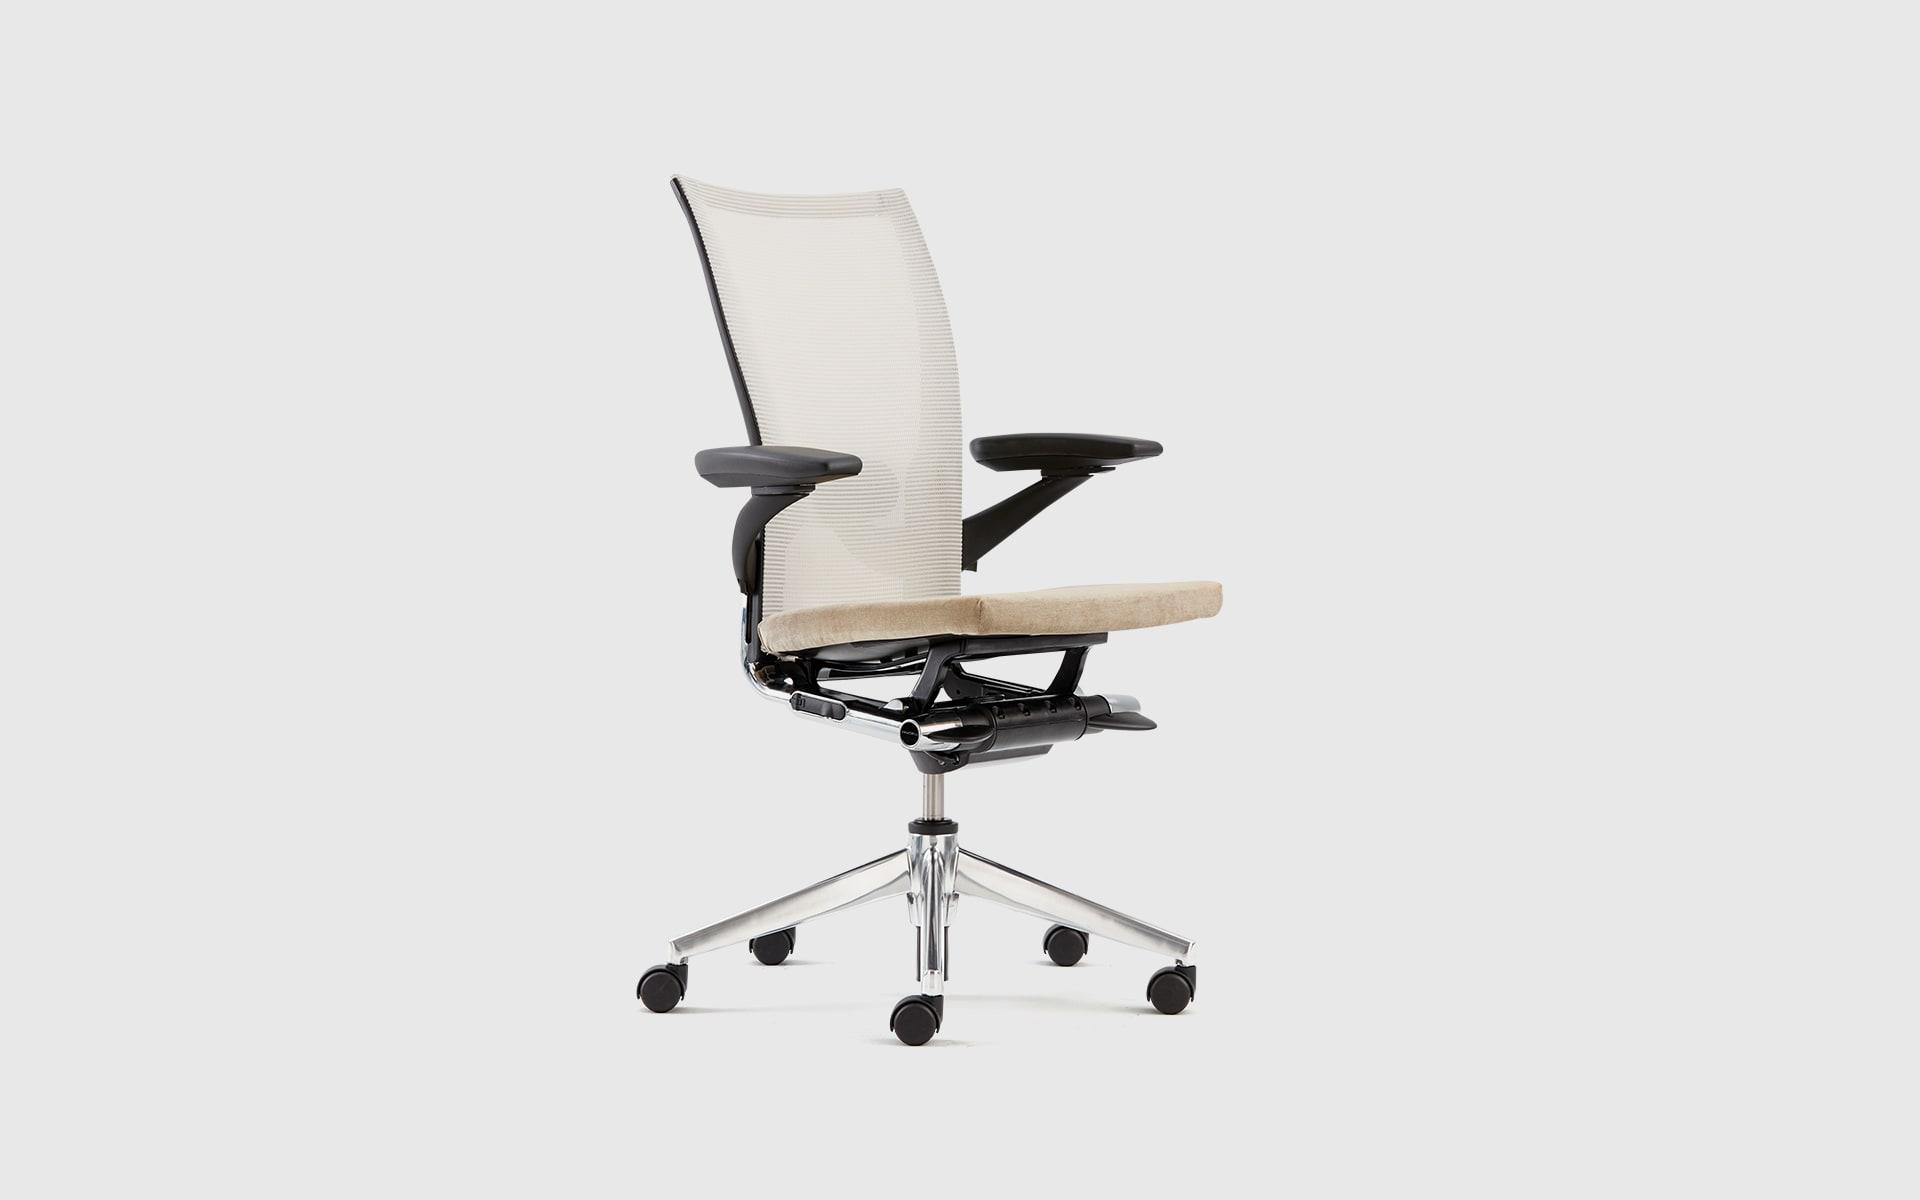 Heller Haworth X99 Drehstuhl von ITO Design